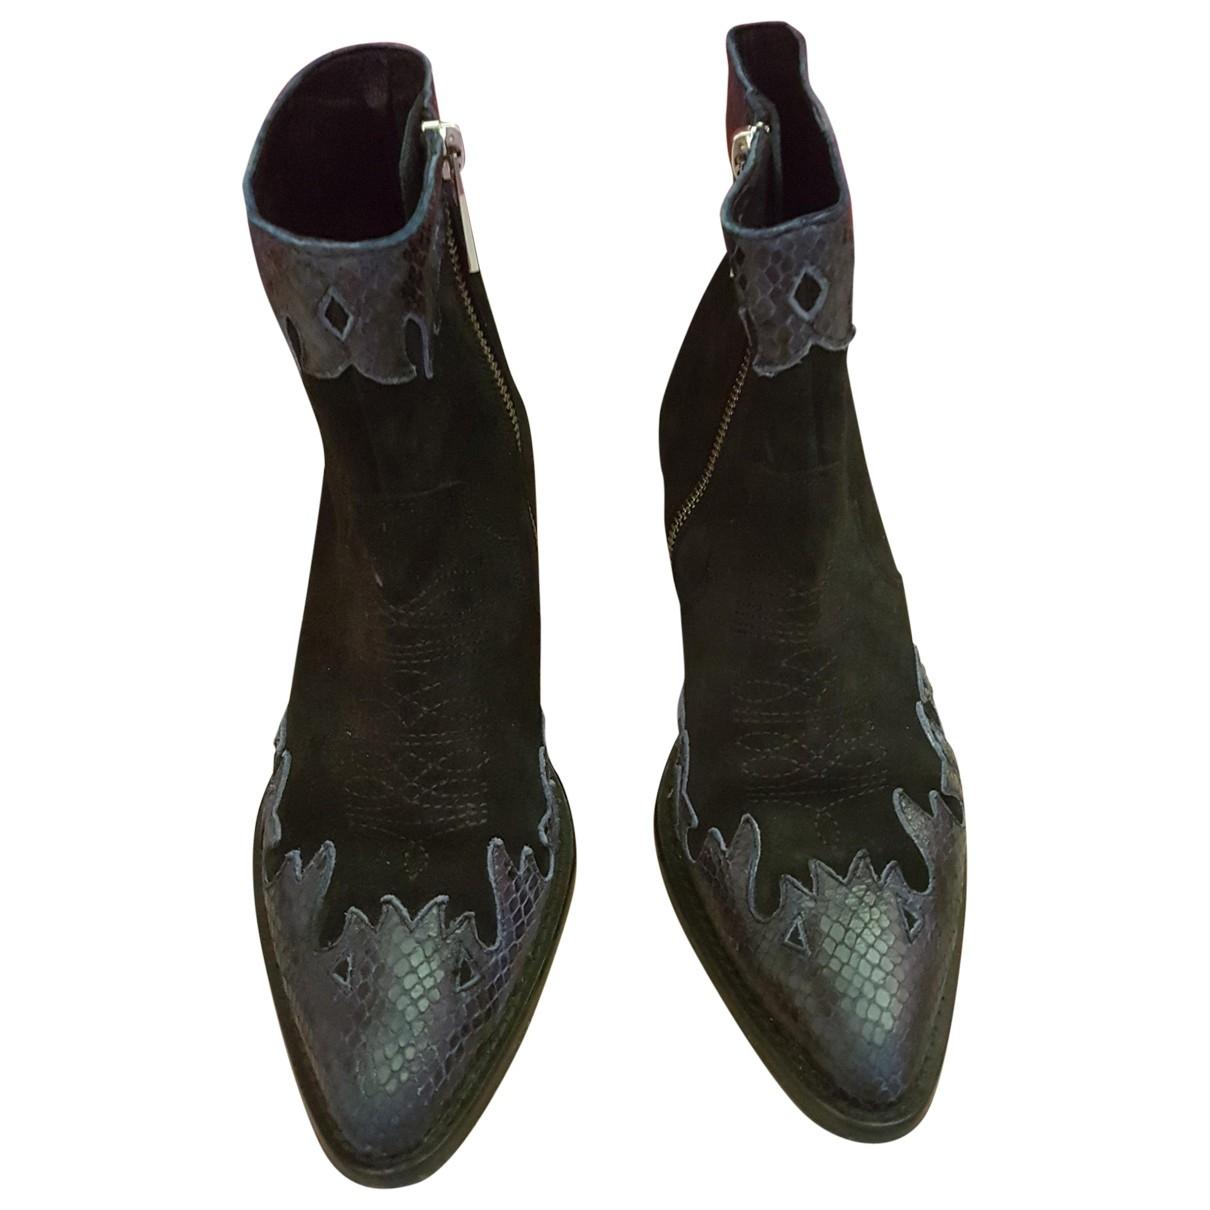 Zadig & Voltaire - Boots Abby pour femme en cuir - noir